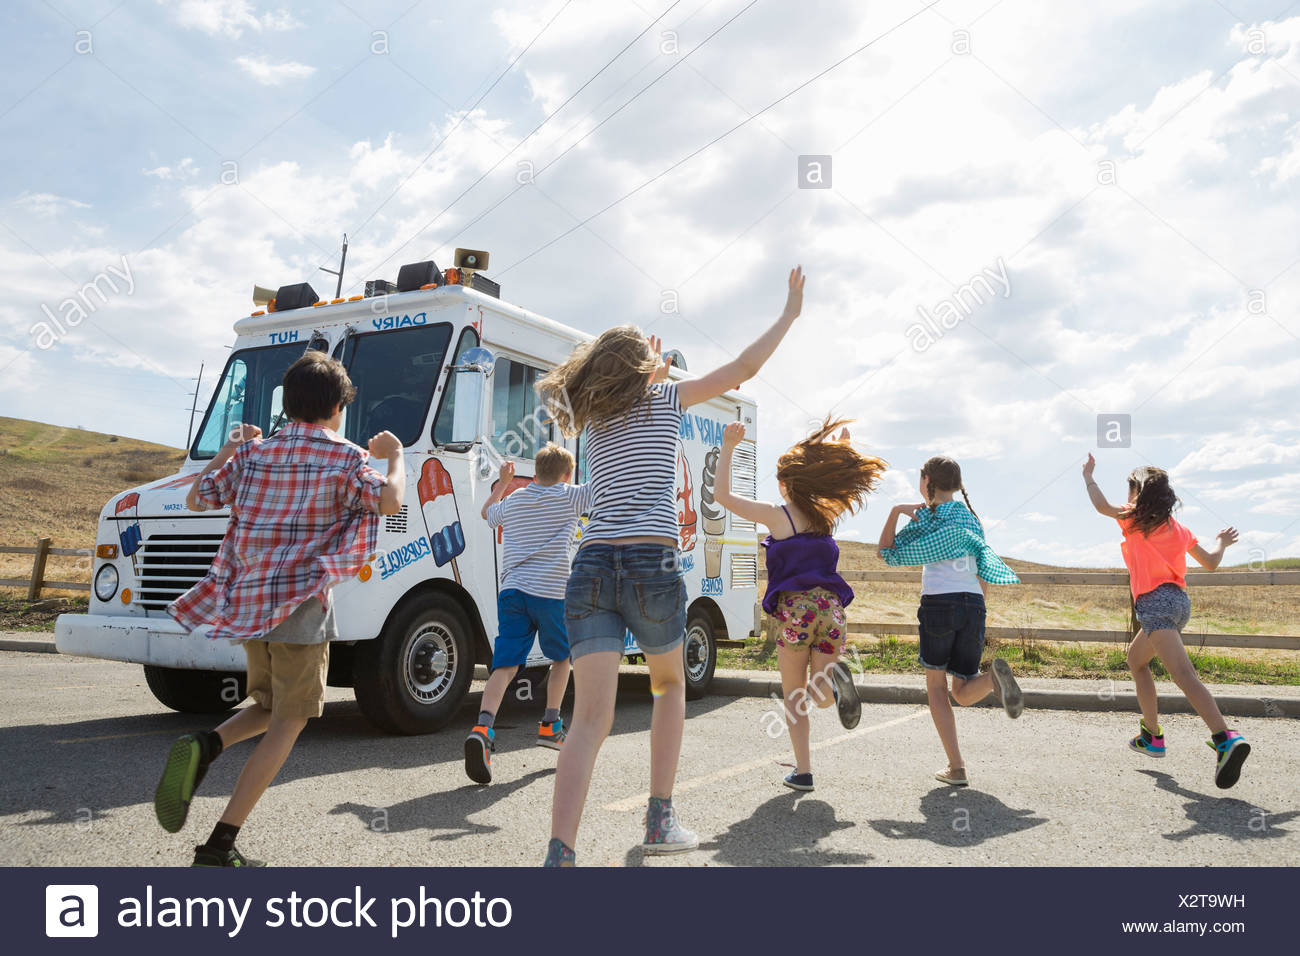 Group of children running towards ice cream truck Stock Photo